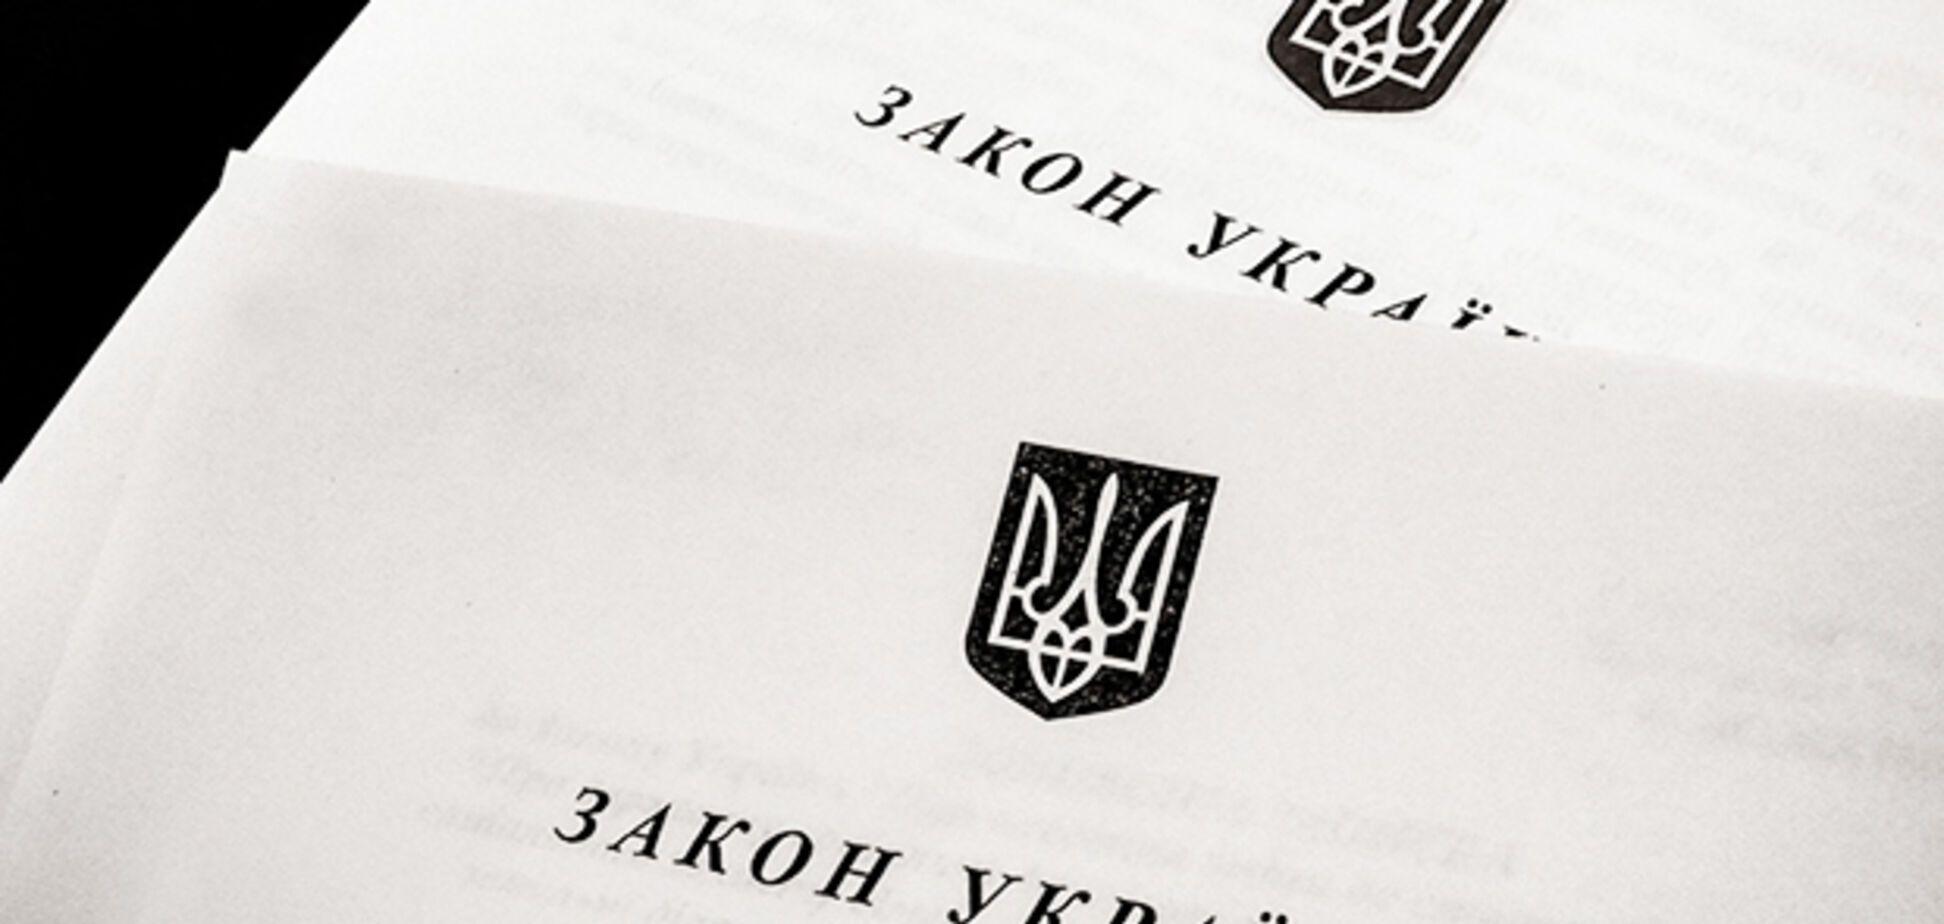 Рада готувала фейкові законопроекти: скандальний нардеп заявив про докази